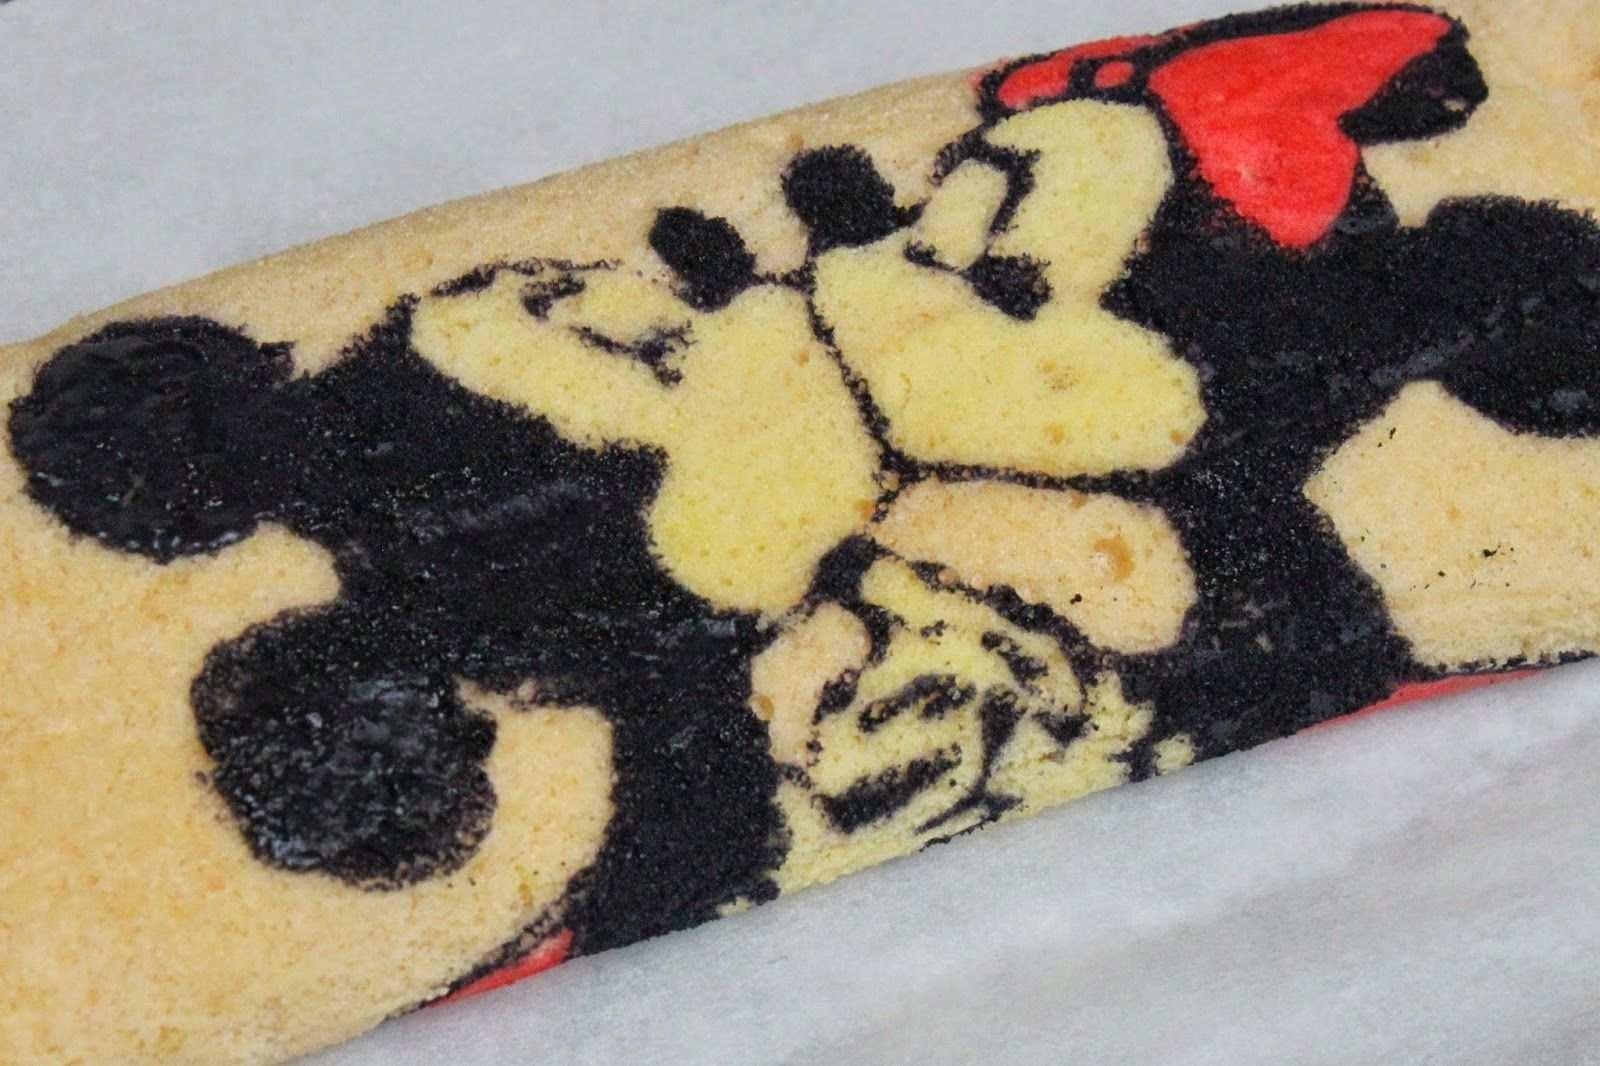 Biskuitrolle Rezept Mit Weisser Schoko Fullung Mickey Minnie Mouse Biskuitrolle Biskuitrolle Biskuitrolle Rezept Biskuitrolle Mit Muster